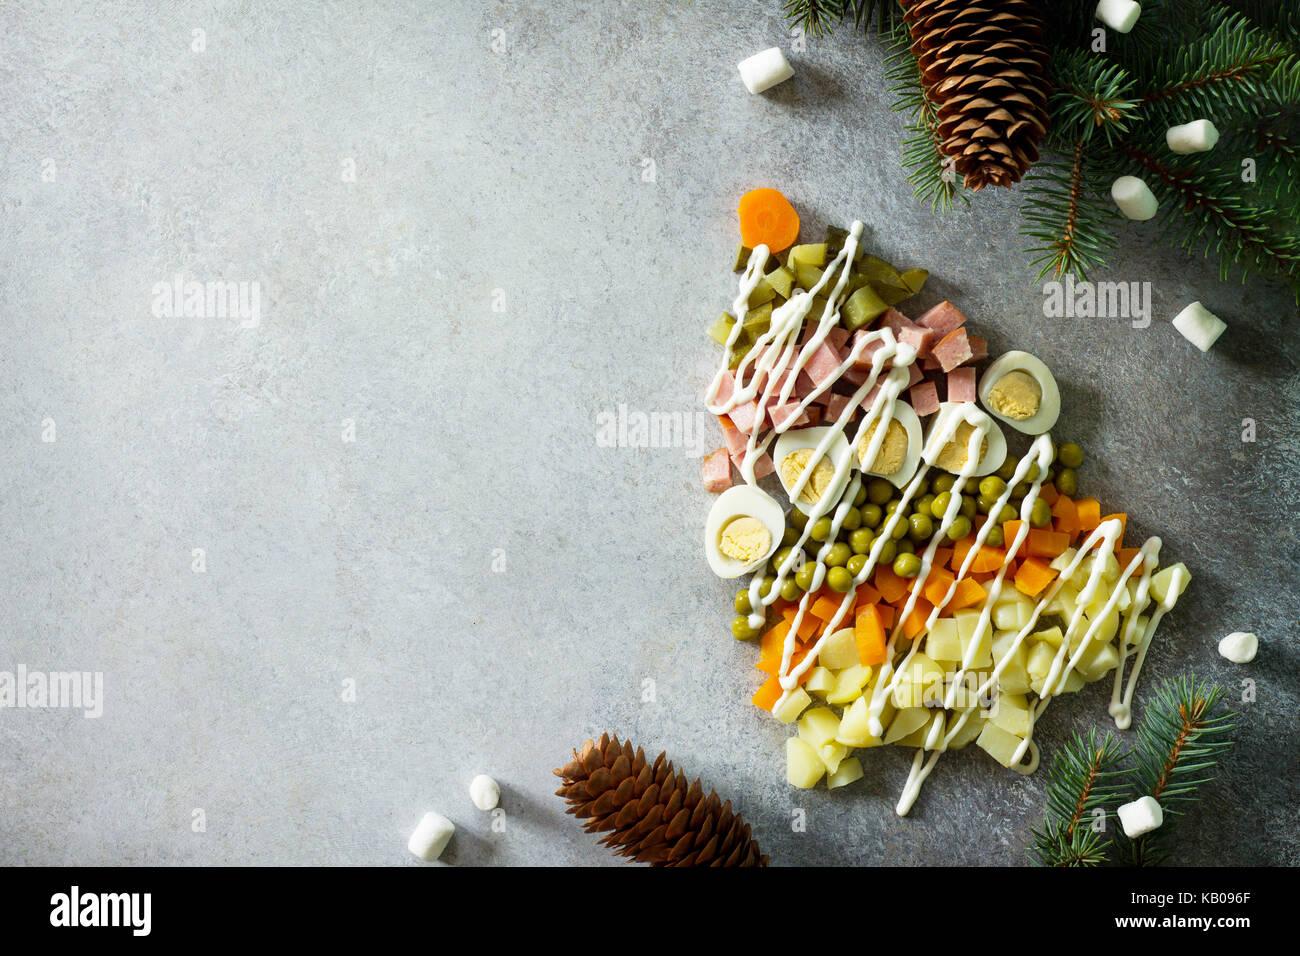 Weihnachtsbaum aus Salat Olivier auf grauem Schiefer, Stein oder Metall Hintergrund. Schöne Weihnachten und Stockbild